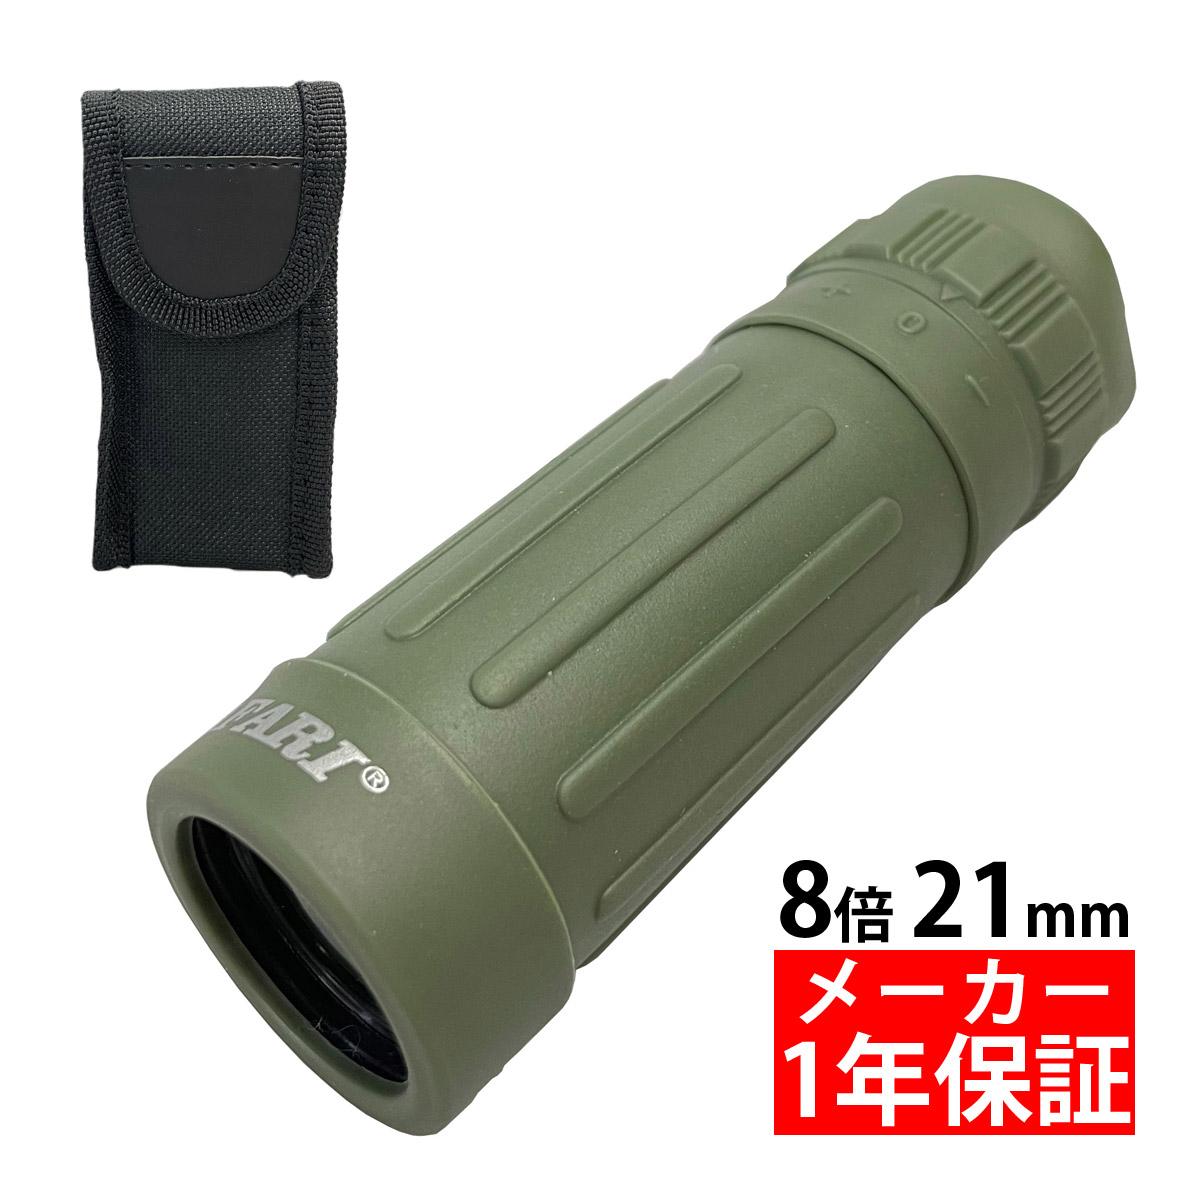 単眼鏡 SAFARI 軍用 8倍 21mm モノキュラーSC821MR B367 SIGHTRON